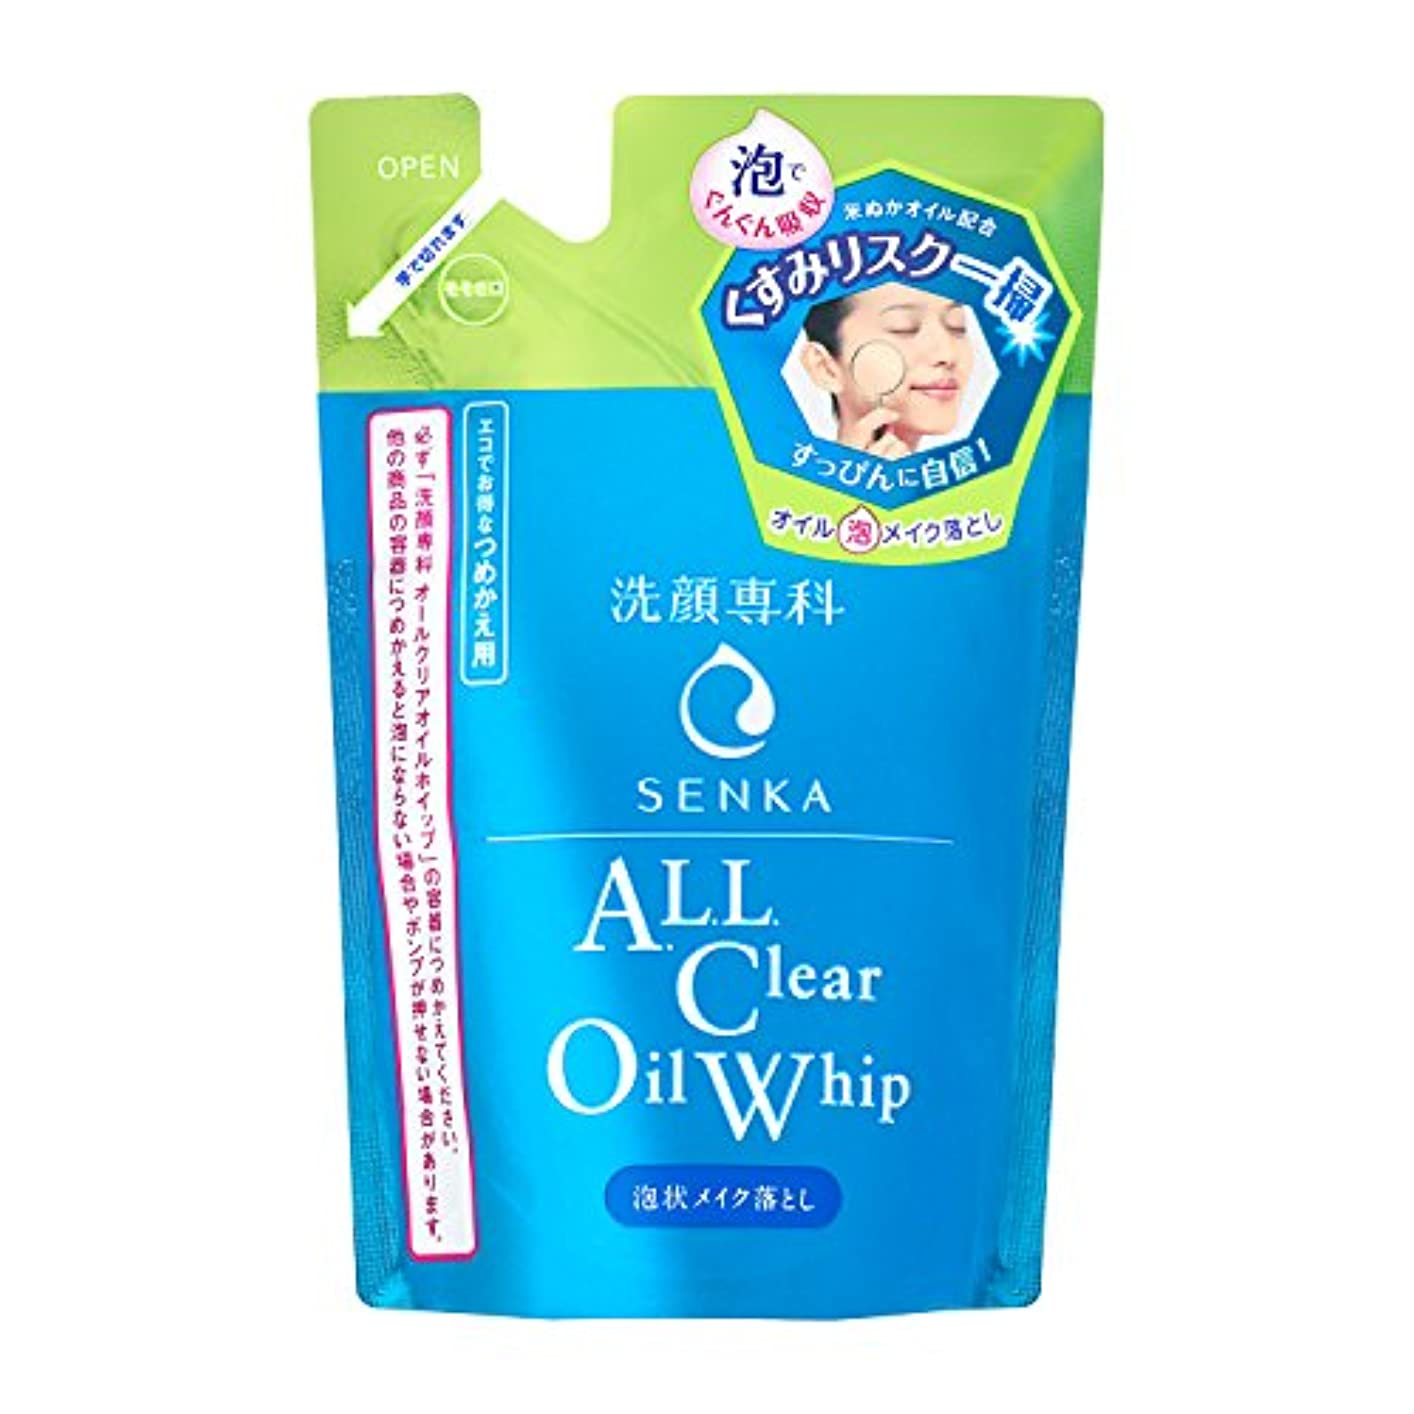 有益素朴な奇跡洗顔専科 オールクリアオイルホイップ 泡状メイク落とし つめかえ用 130mL